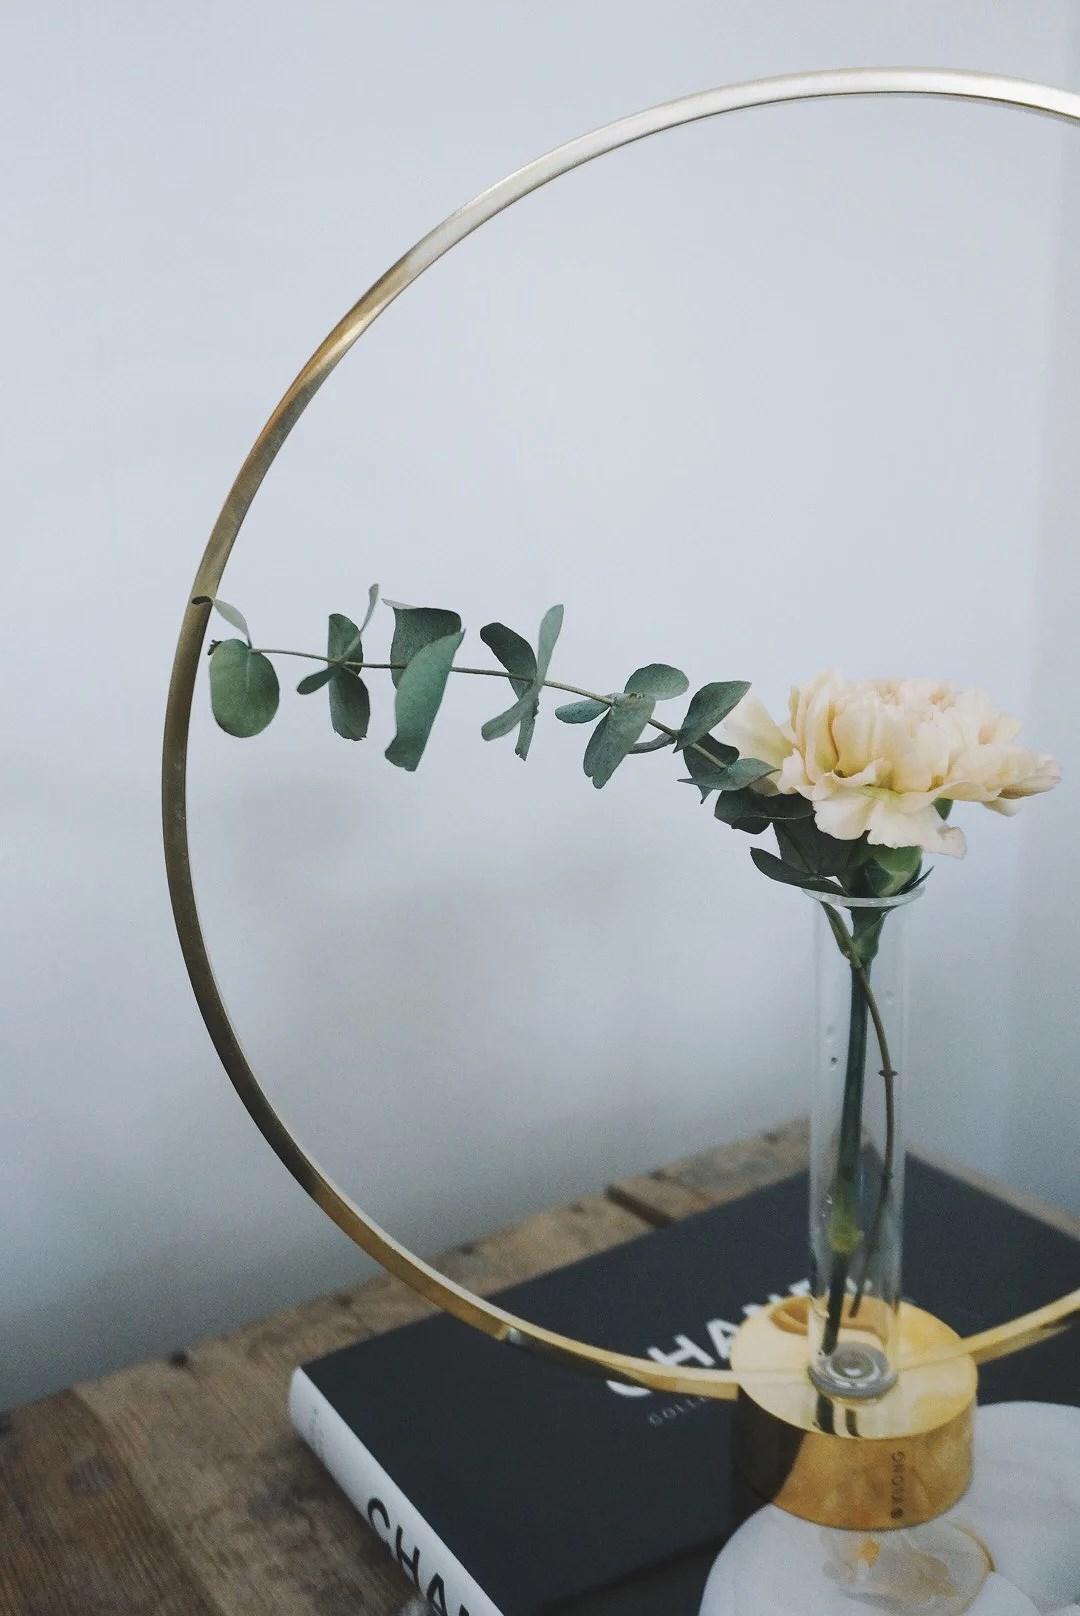 KLONG + flowers